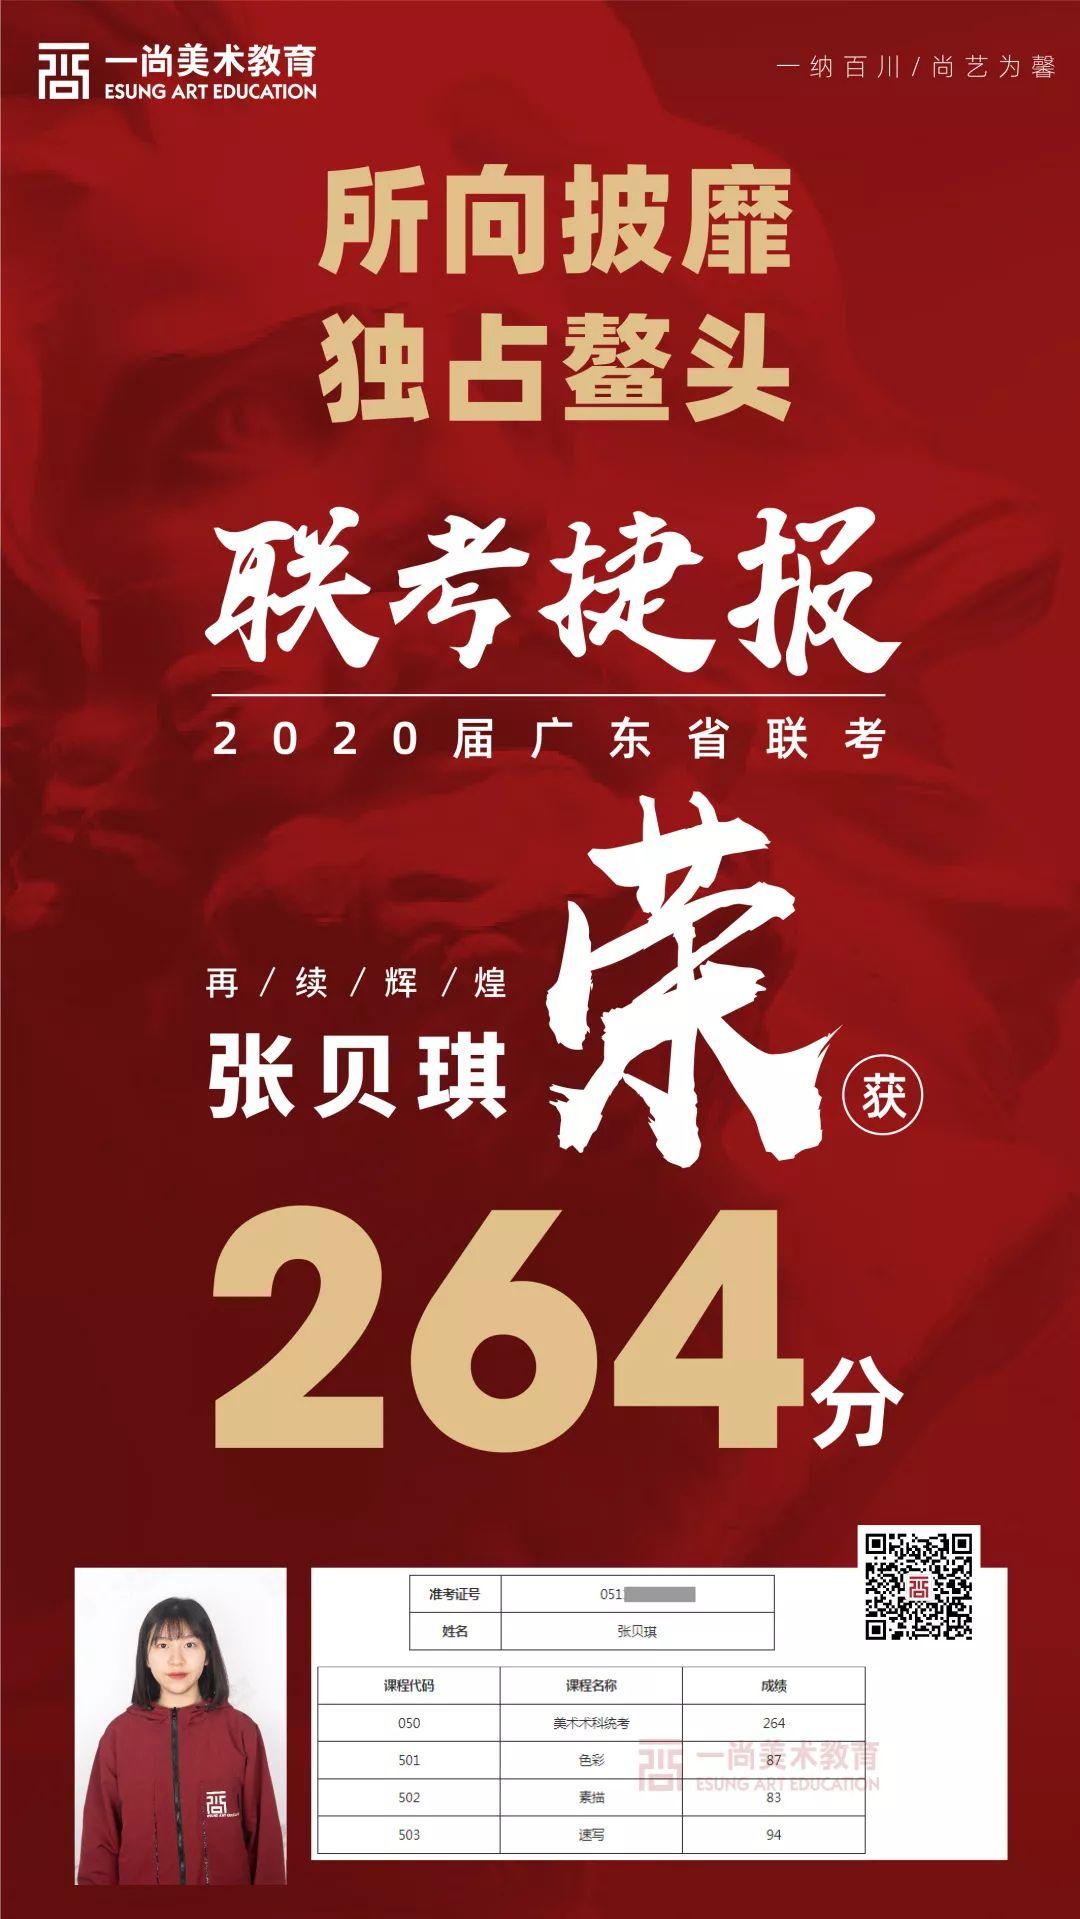 广州度岸画室,广东美术联考,广州美术培训         03